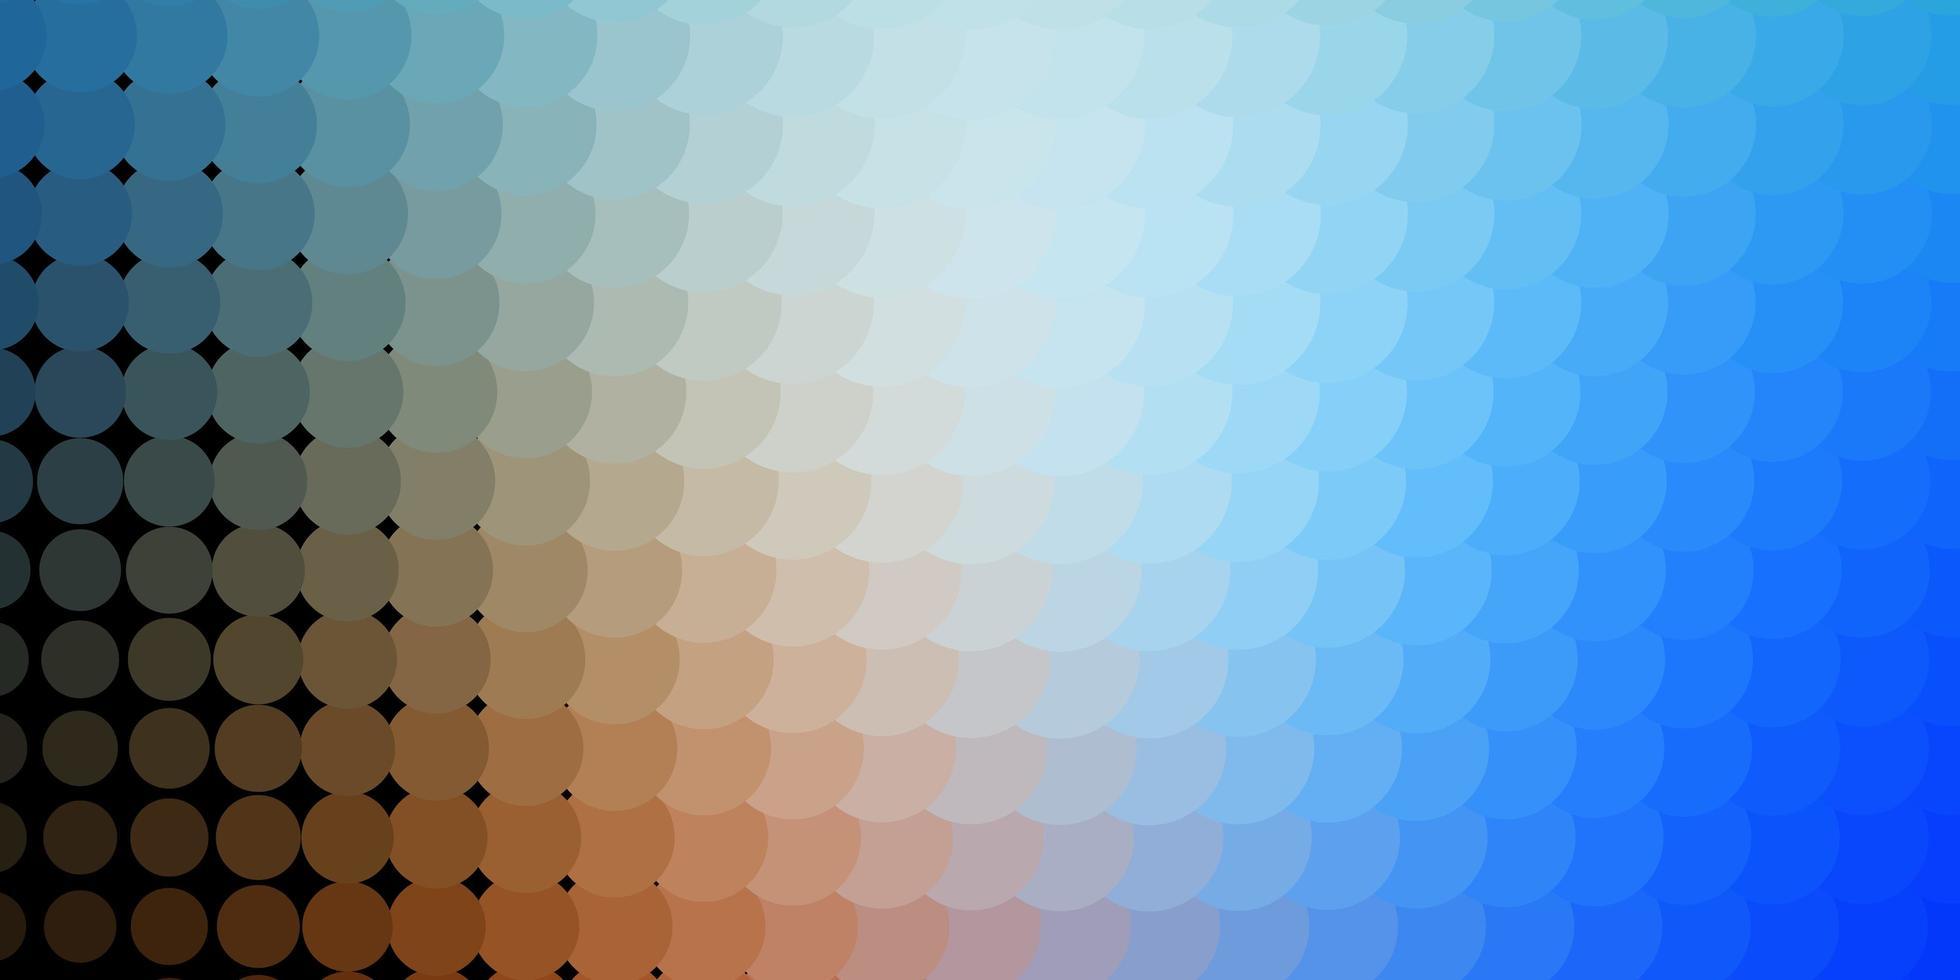 lichtblauwe, gele textuur met cirkels. vector